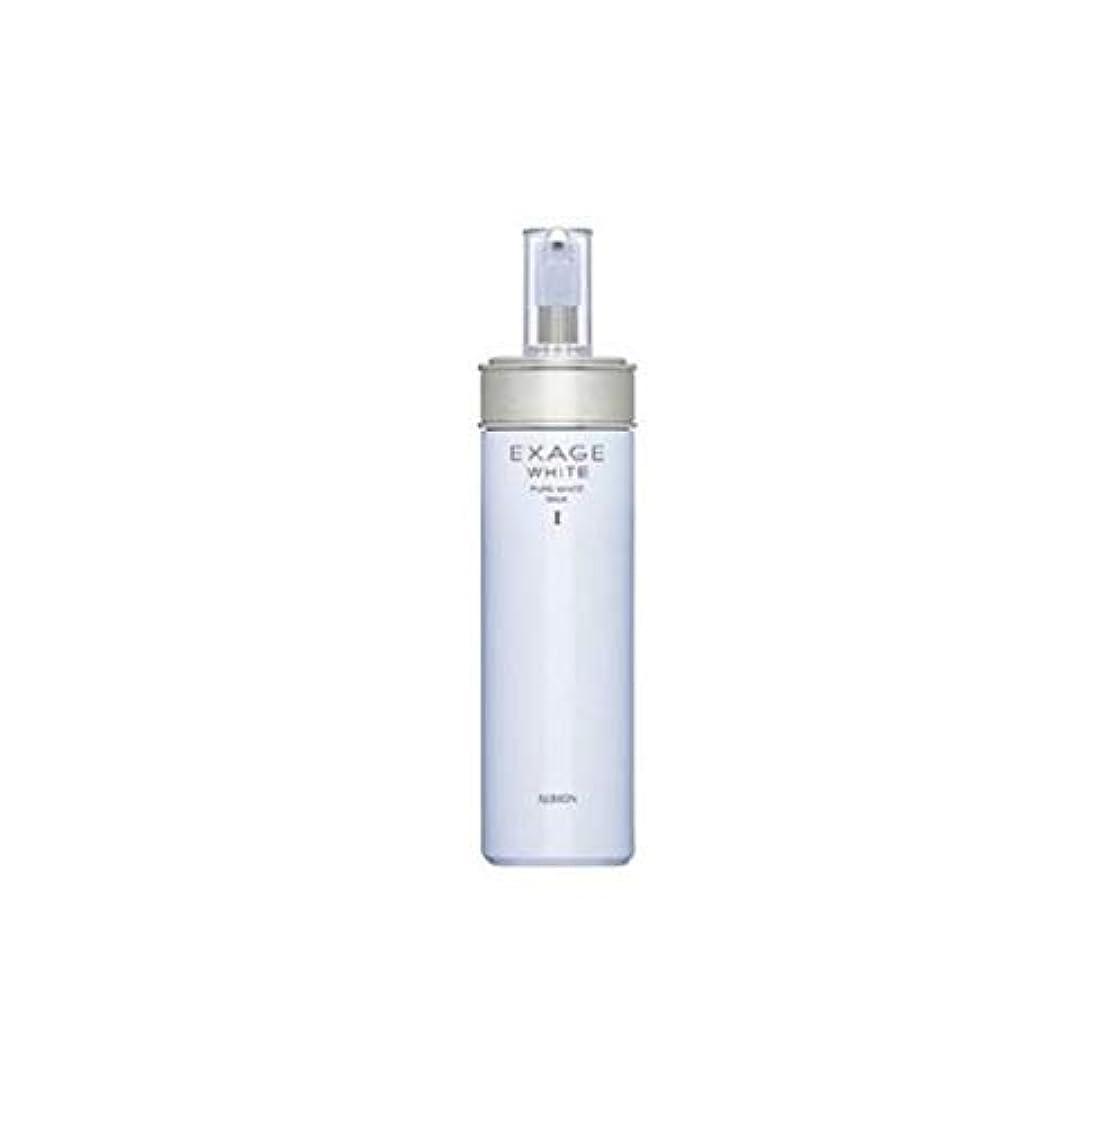 ヘビ銛少数ALBION(アルビオン) エクサージュホワイト ピュアホワイト ミルク I 200g [ 乳液 ]